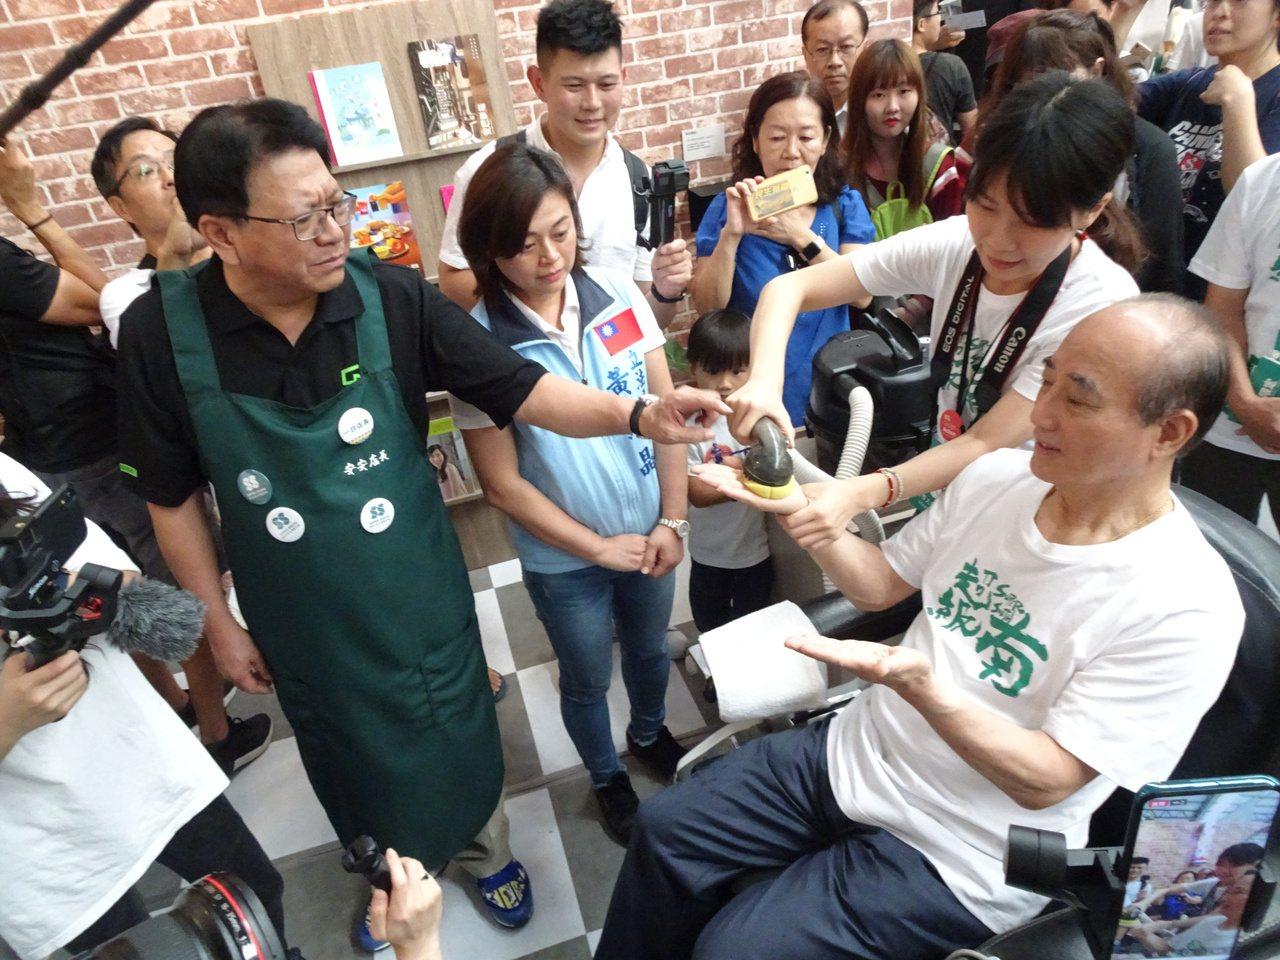 2109台灣設計展今天下午1點起開放參觀,前立法院長王金平(右)1時半就到主展區...